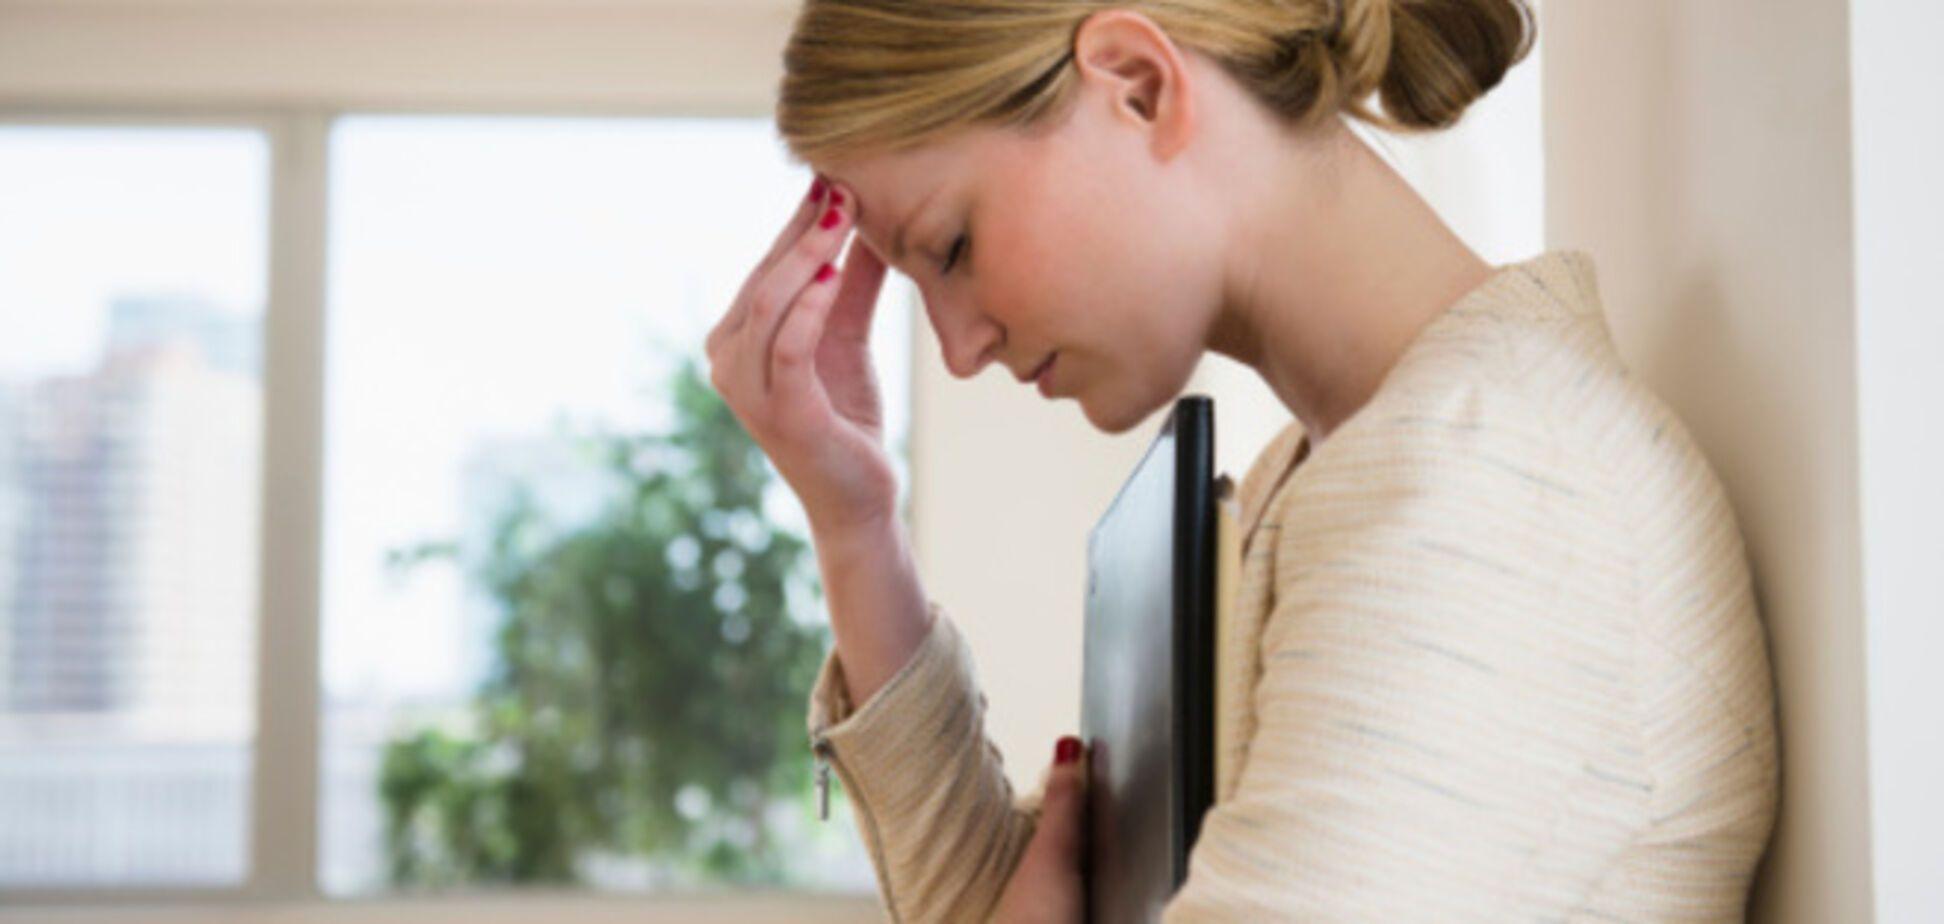 Болезни дождливого лета: почему перед грозой болит голова и ломит суставы